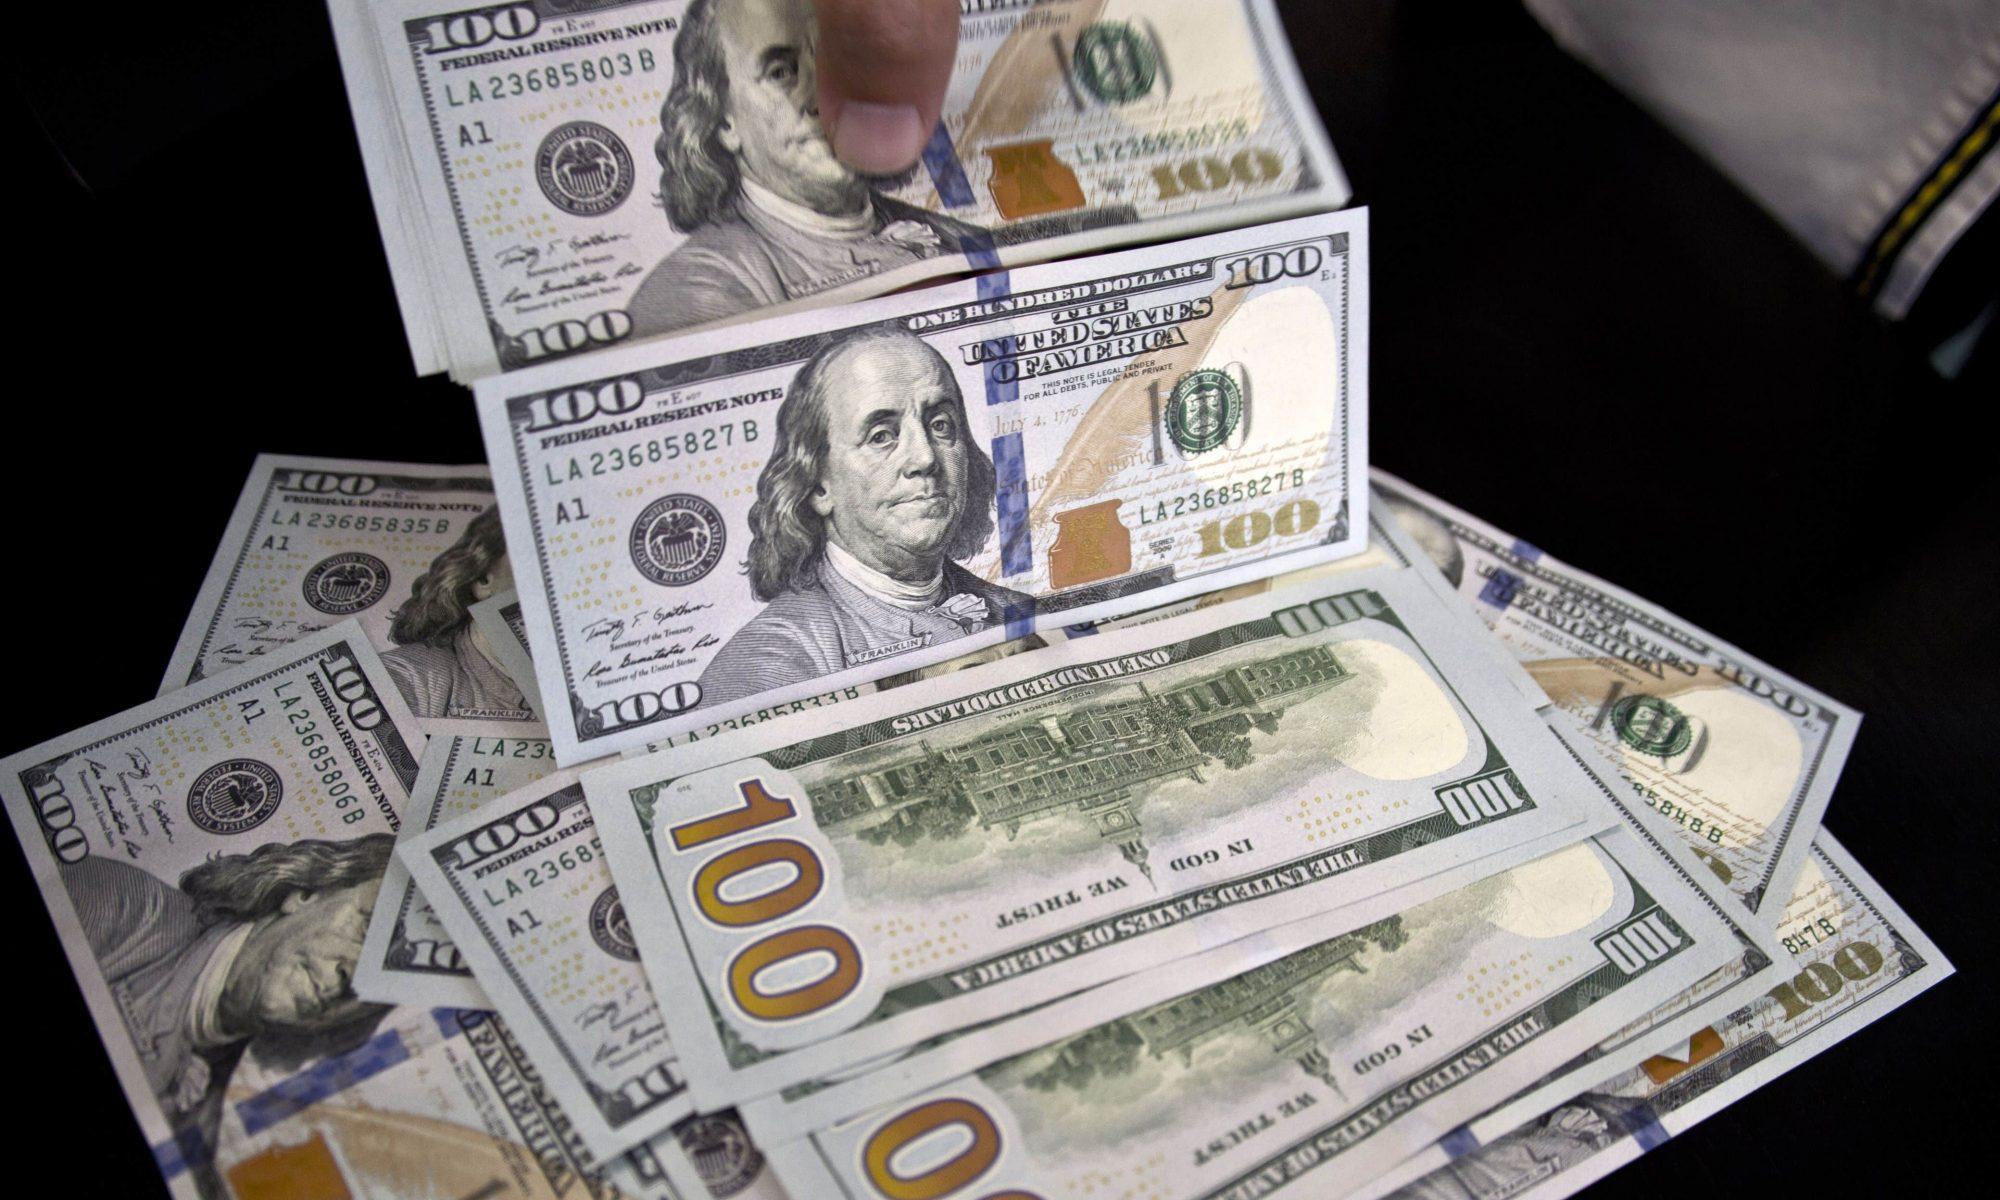 سعر الدولار 12 مايو بالبنك الأهلي المصري